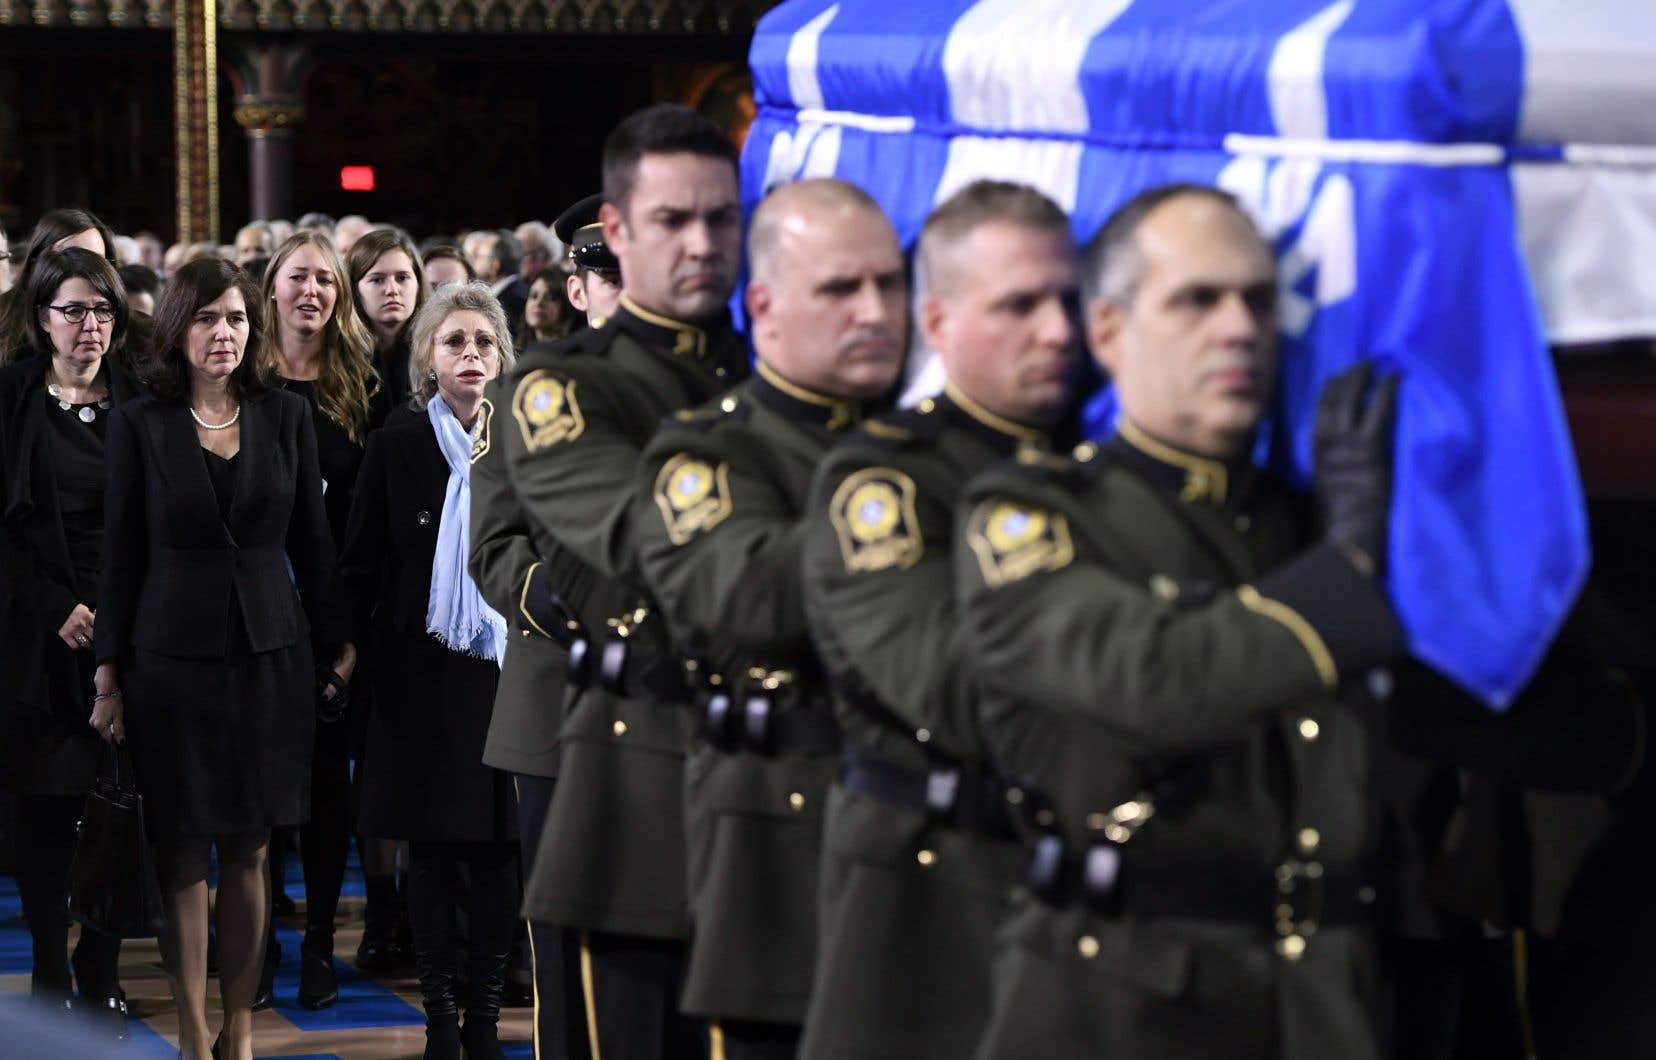 Le cercueil du premier ministre Bernard Landry était porté par des membres de la Sûreté du Québec. Suivaient derrière sa deuxième épouse, Chantal Renaud, ses filles, Pascale et Julie, ainsi que son fils, Philippe (qui n'apparaît pas sur la photo).